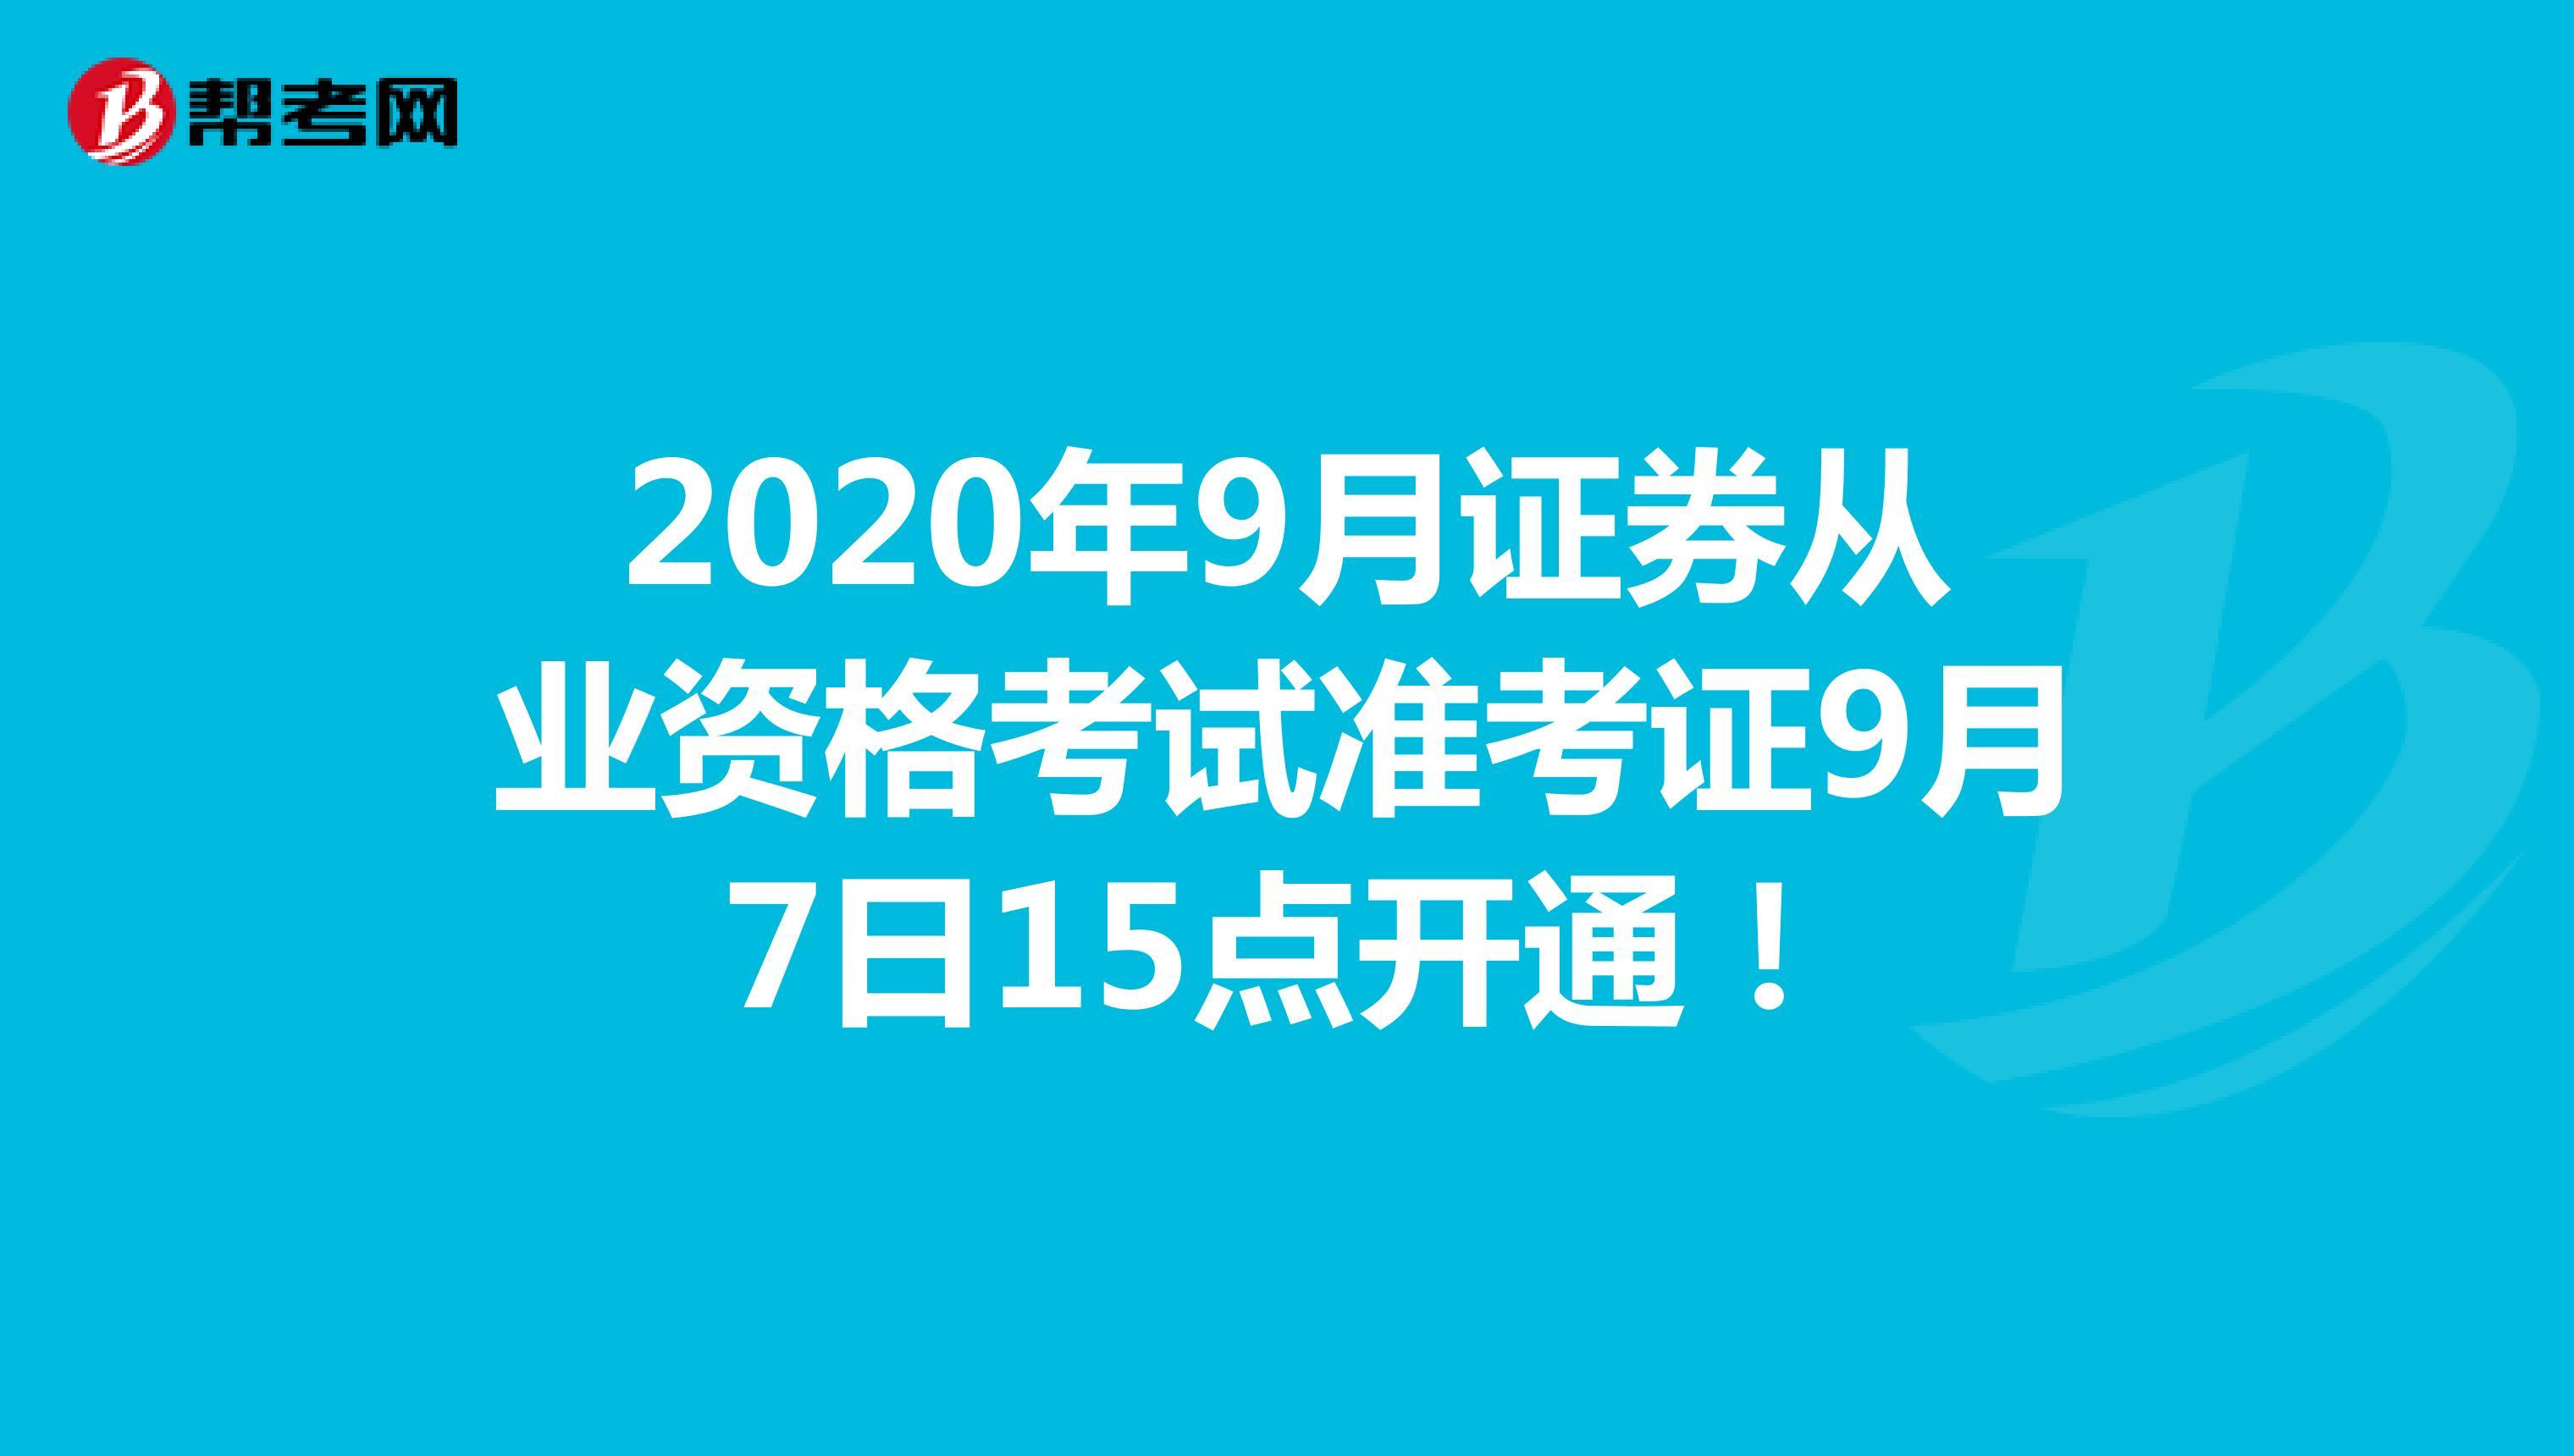 2020年9月证券从业资格考试准考证打印9月7日15点开通!